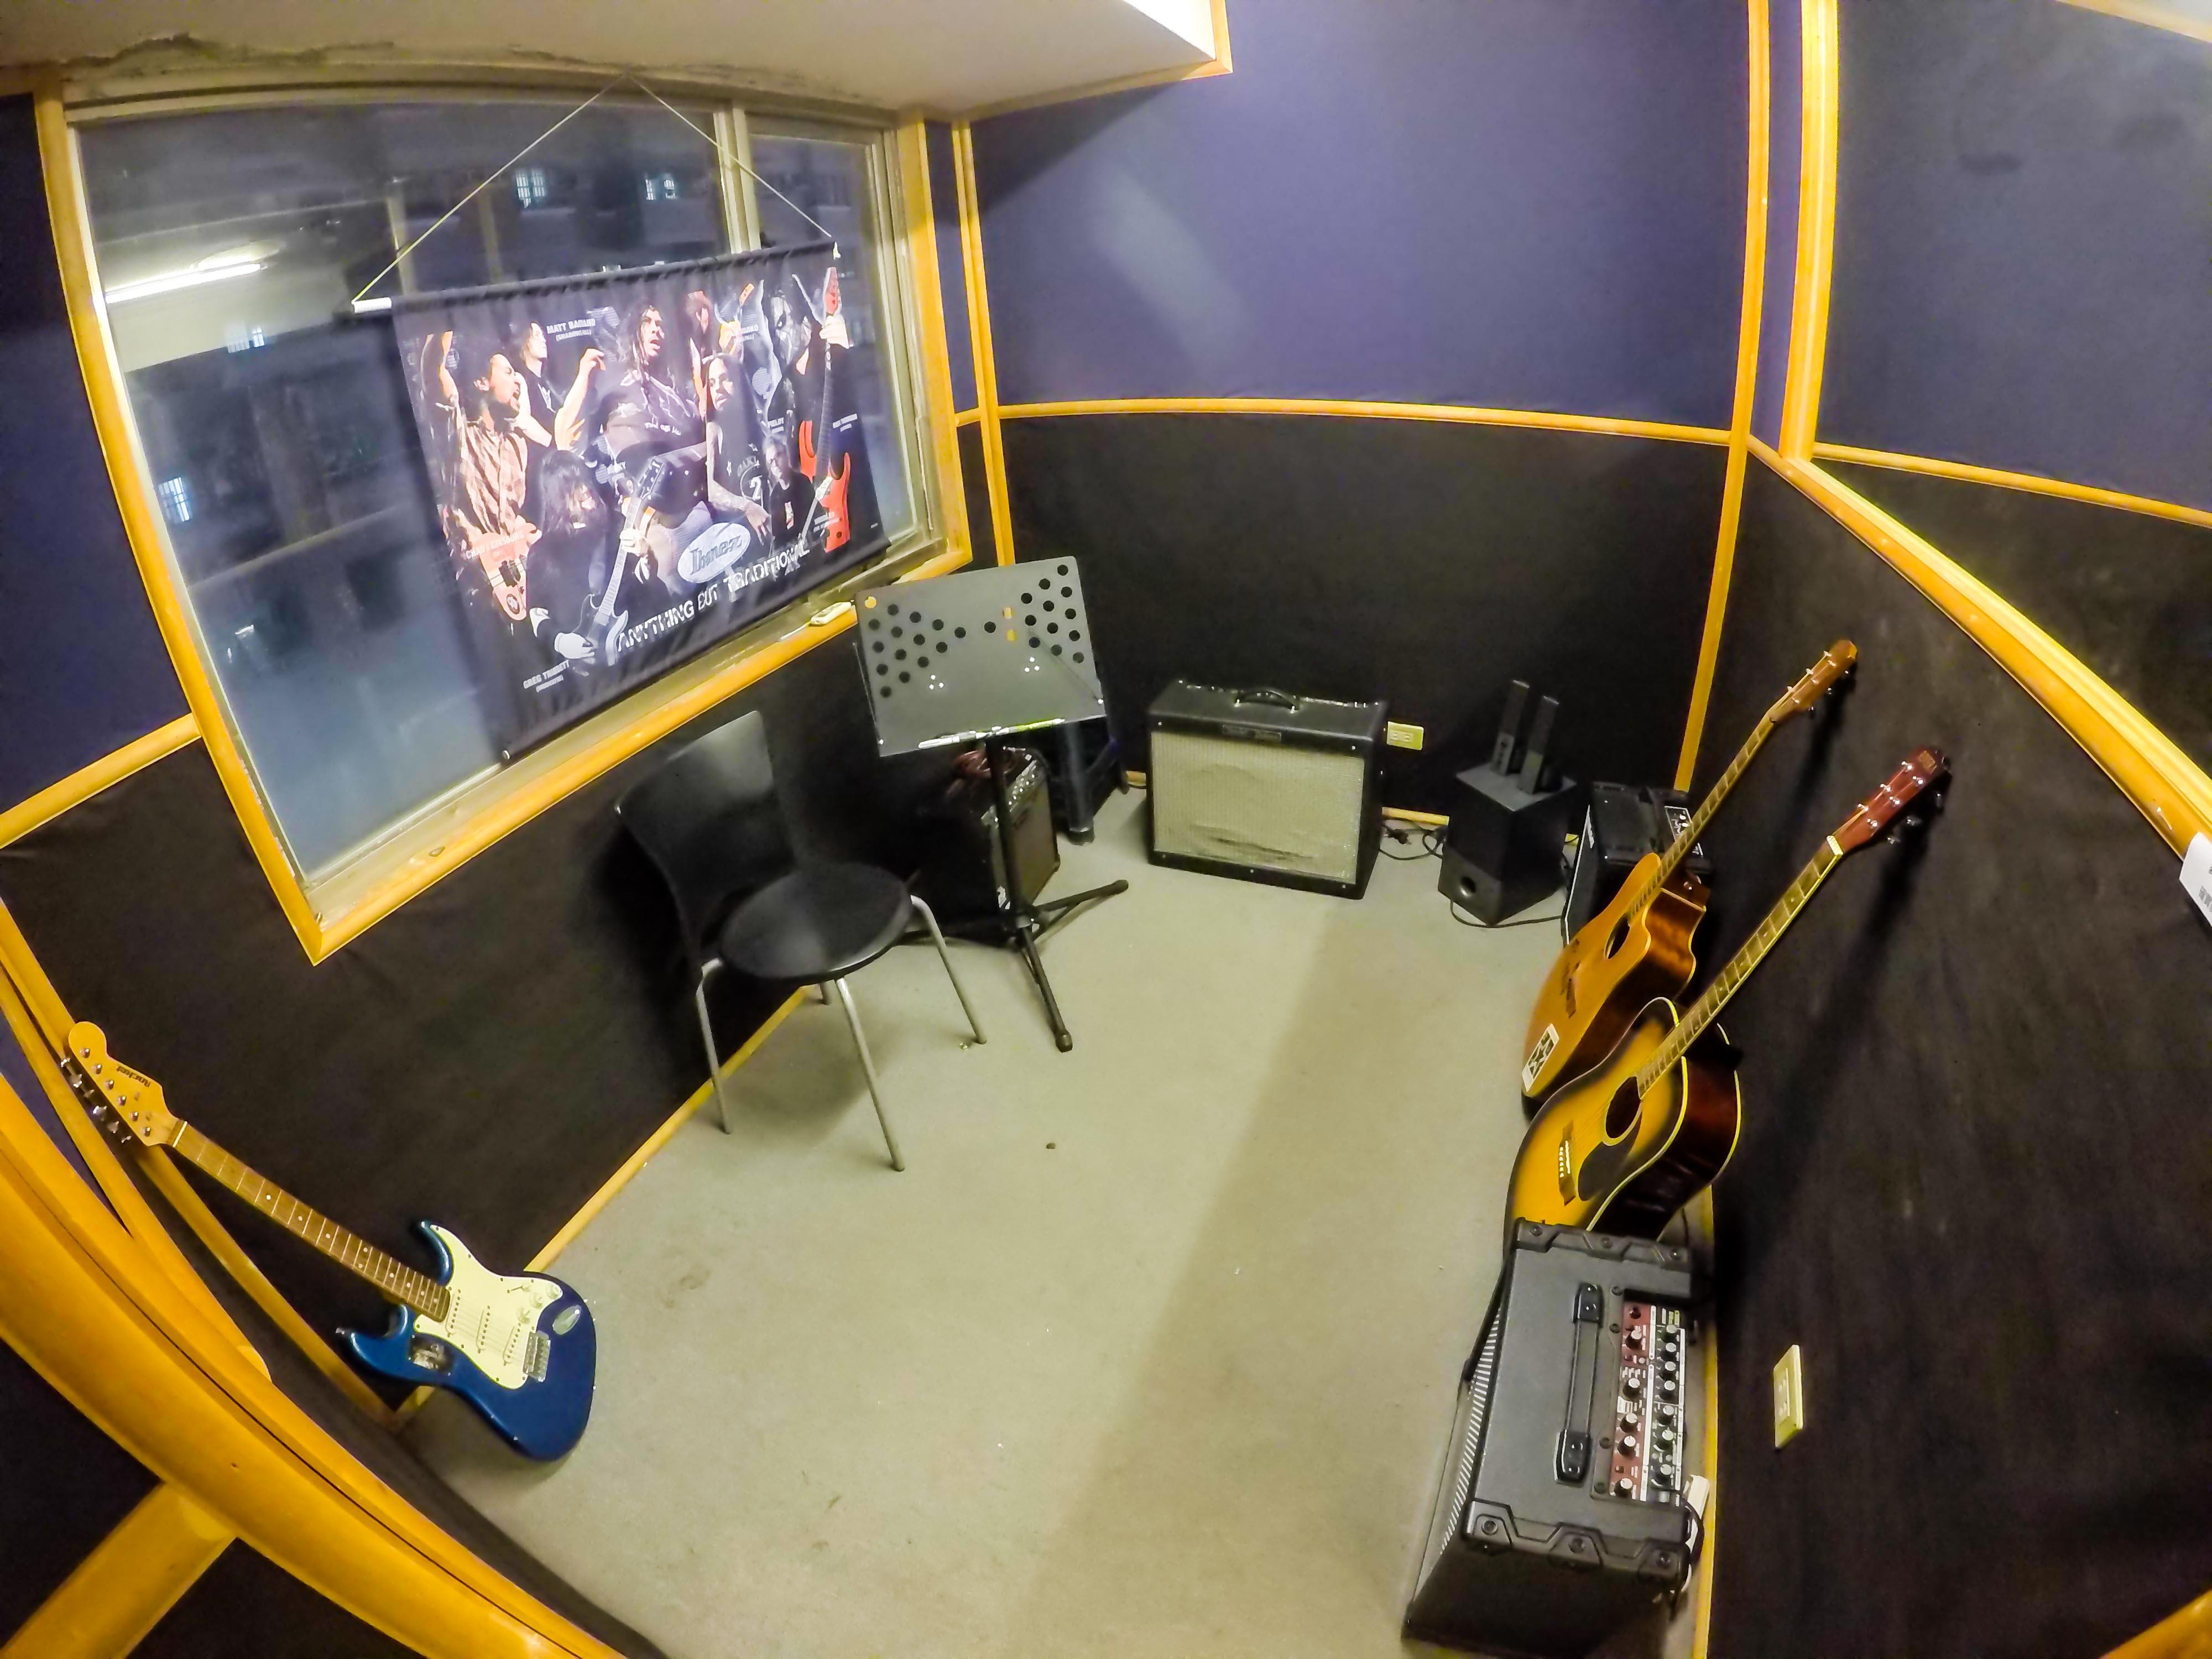 吉他/貝斯教室